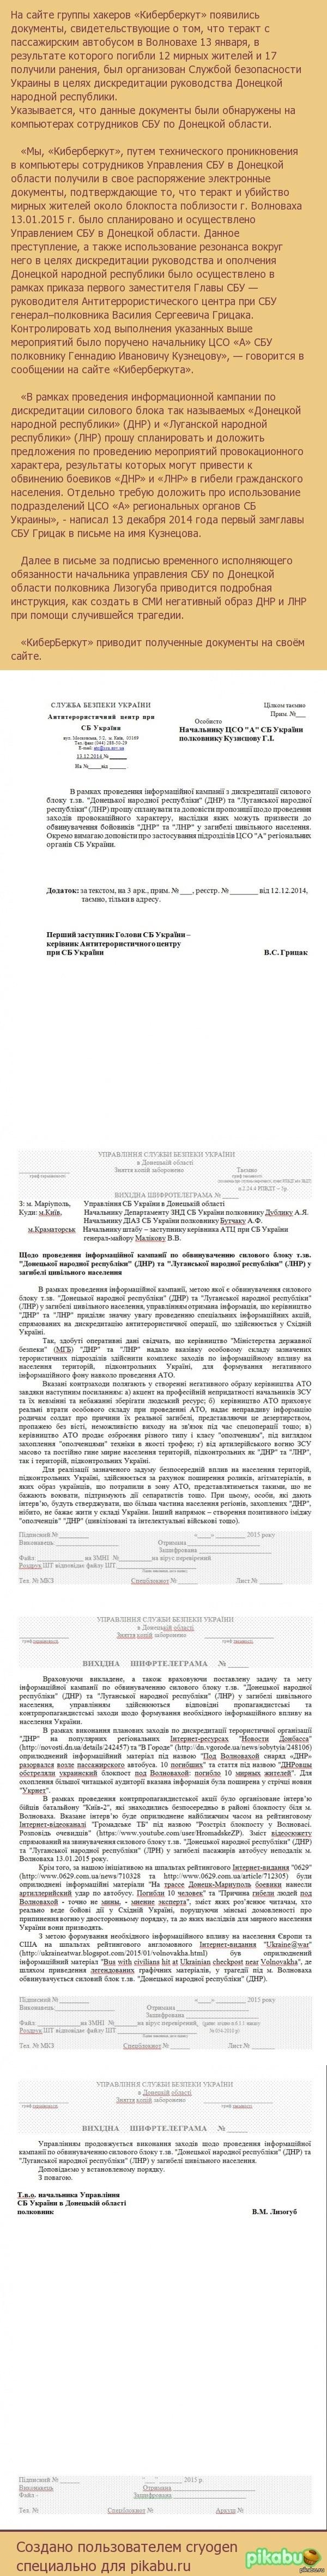 «Киберберкут»: Теракт с автобусом в Волновахе устроили украинские спецслужбы На сайте «Киберберкут» появились документы, свидетельствующие о том что теракт с автобусом в Волновахе 13 января был организован Службой безопасности Украины